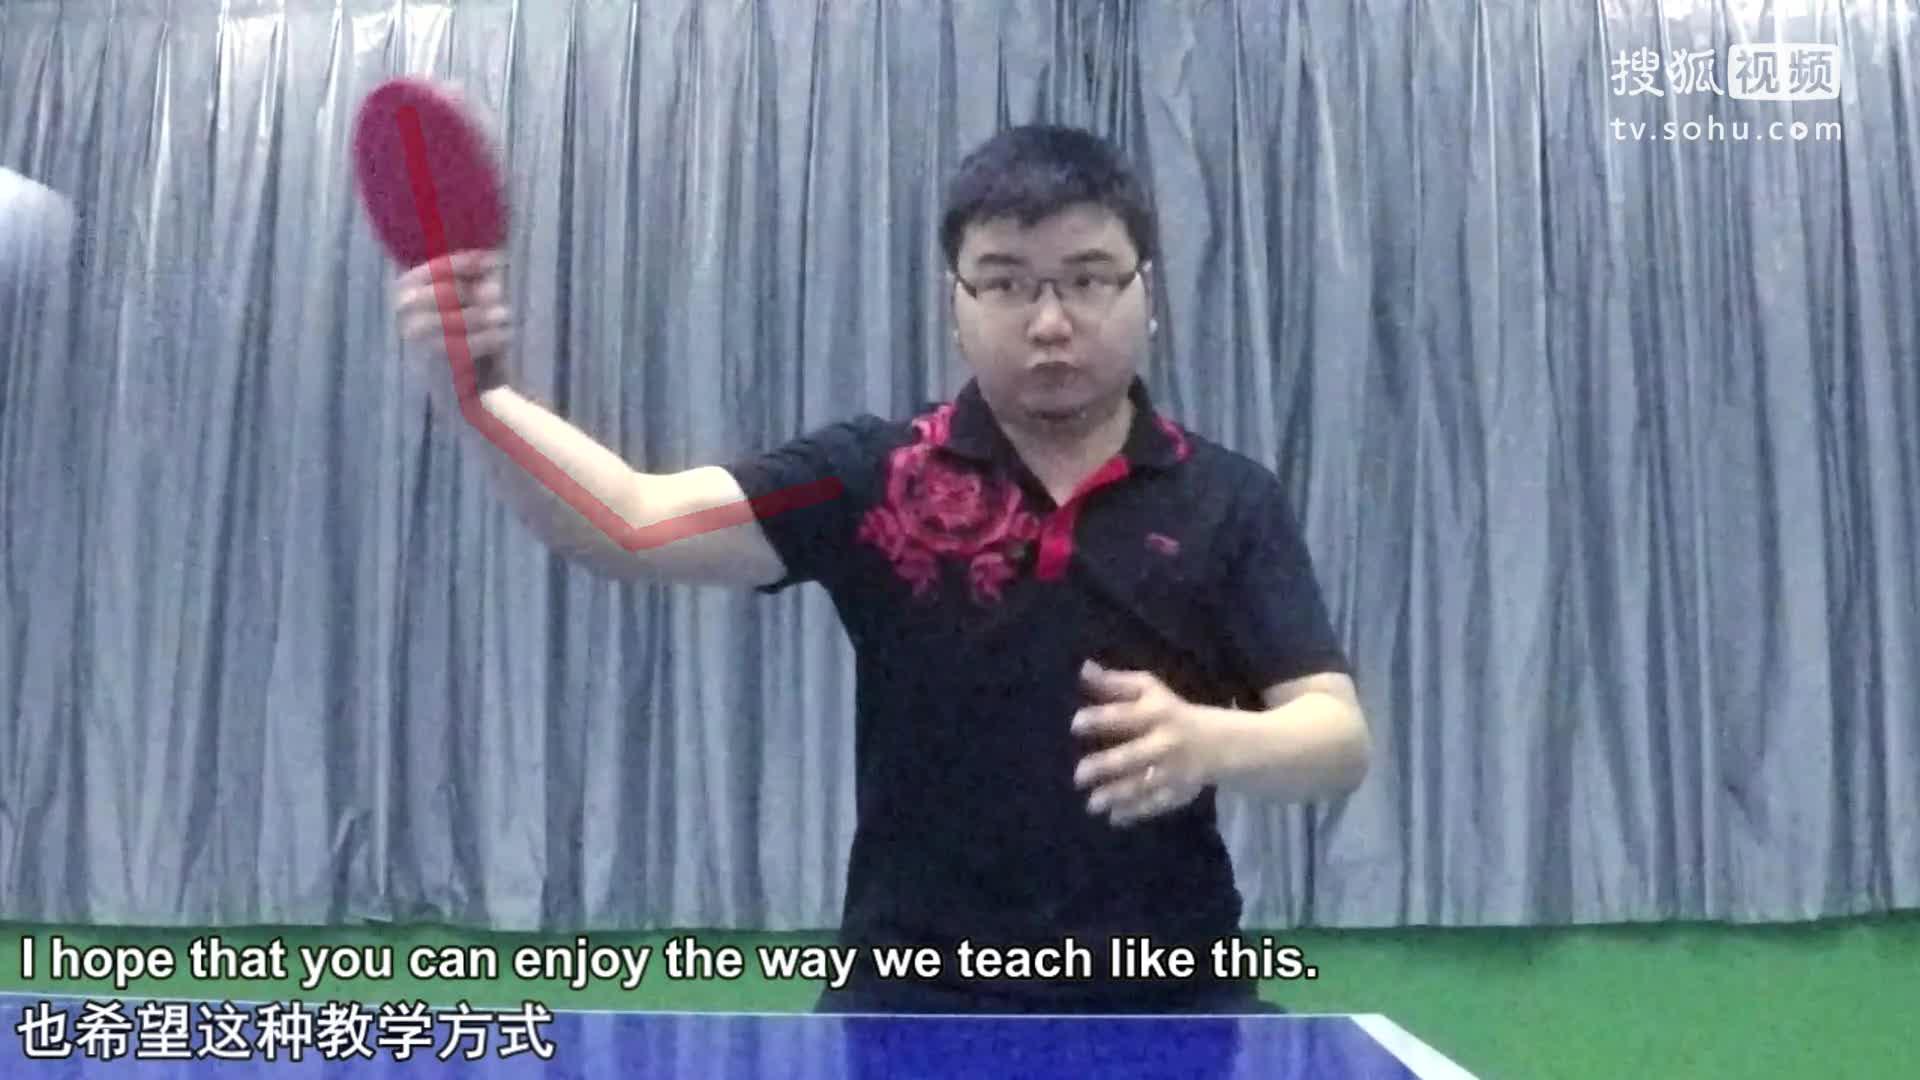 《全民学乒乓横拍篇》第13.2集:反手加转弧圈球全景示范